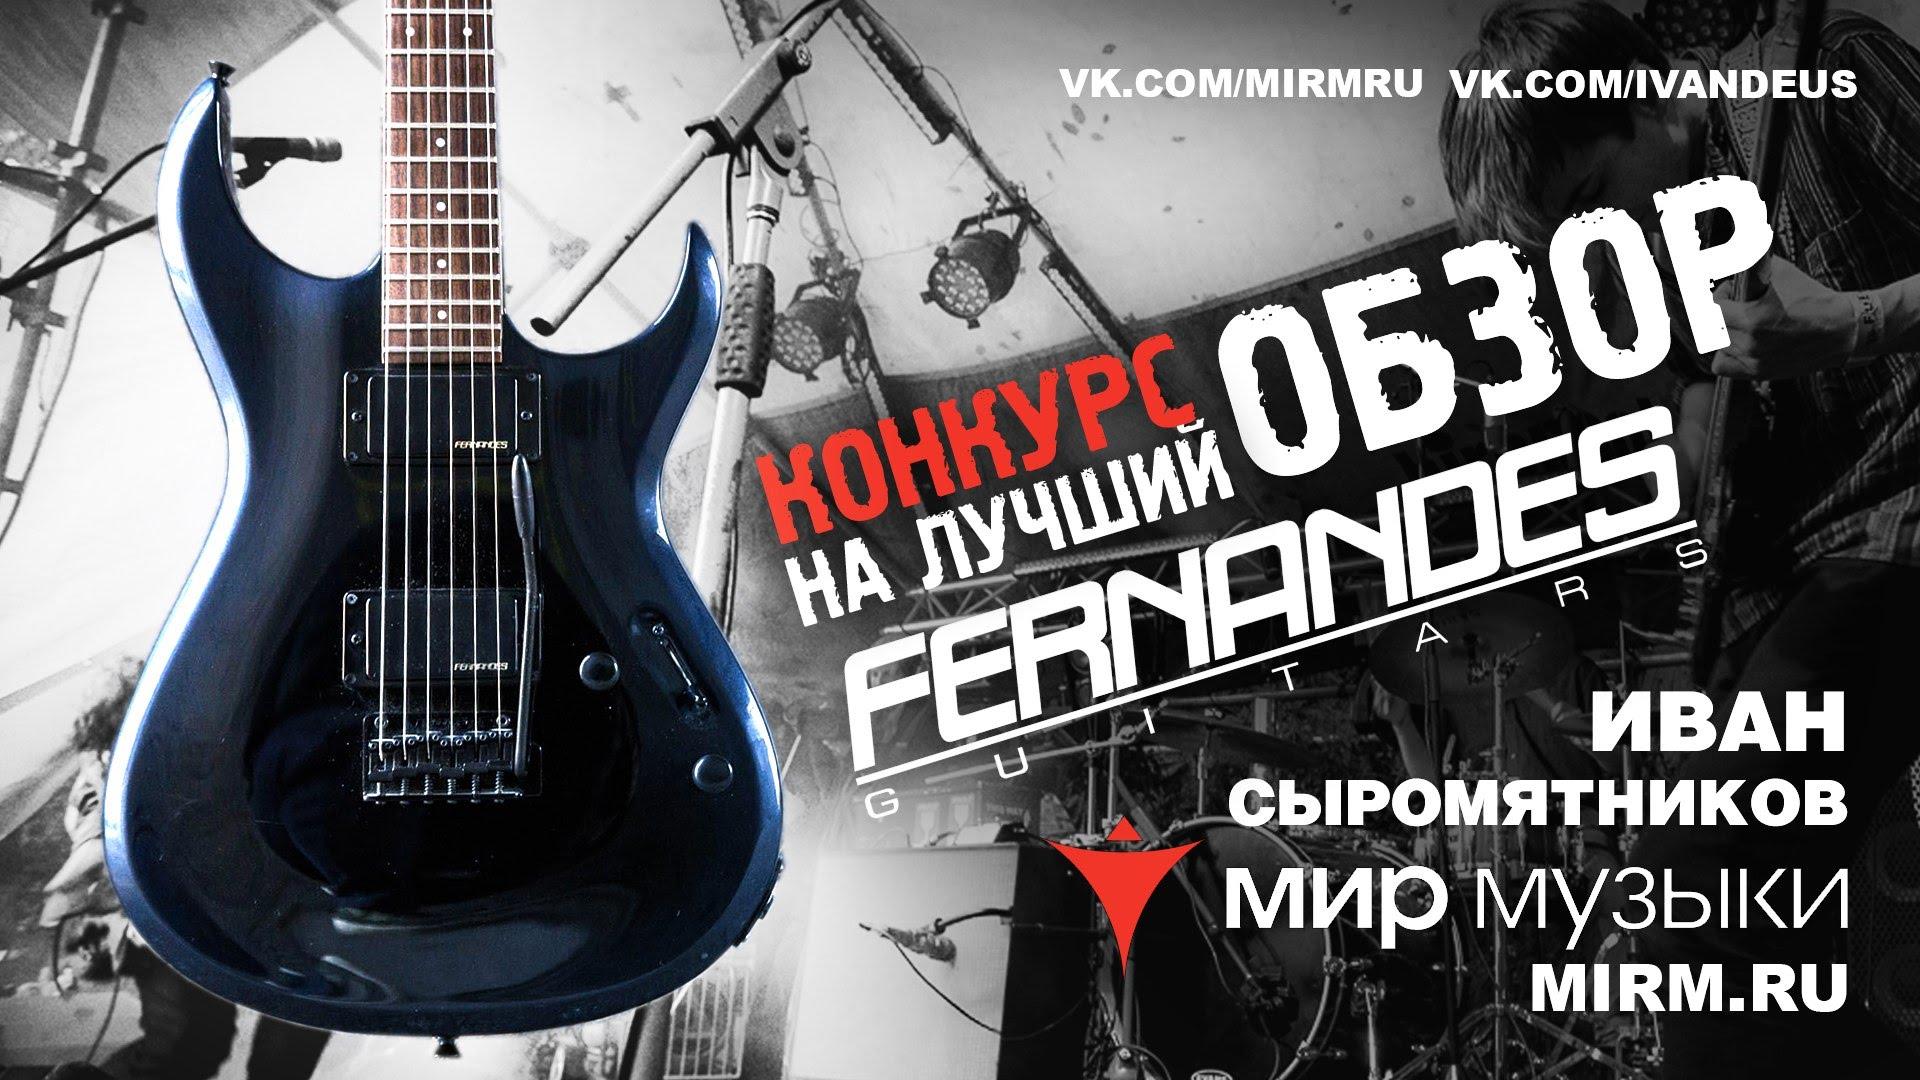 Обзор Burny RLC 55 - Соколов Илья